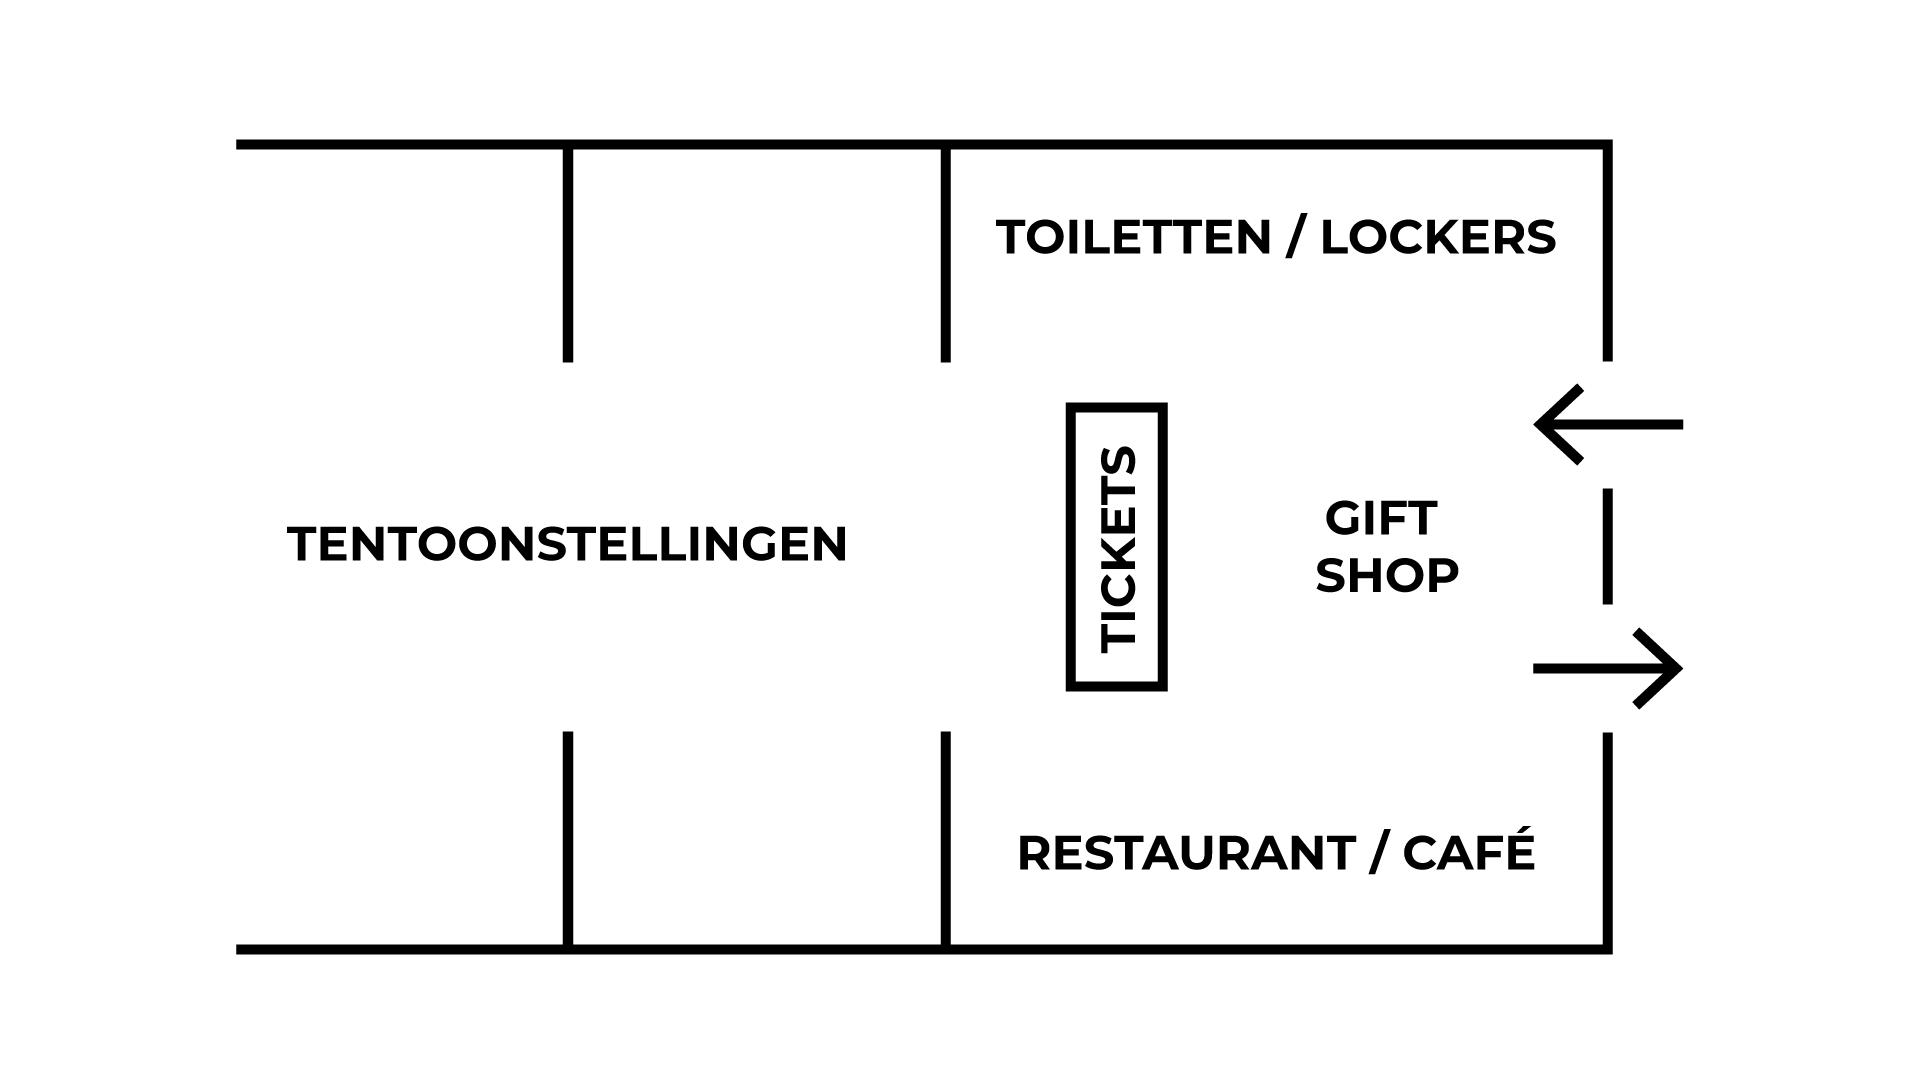 Voorbeeld plattegrond van een entreegebied van een museum.